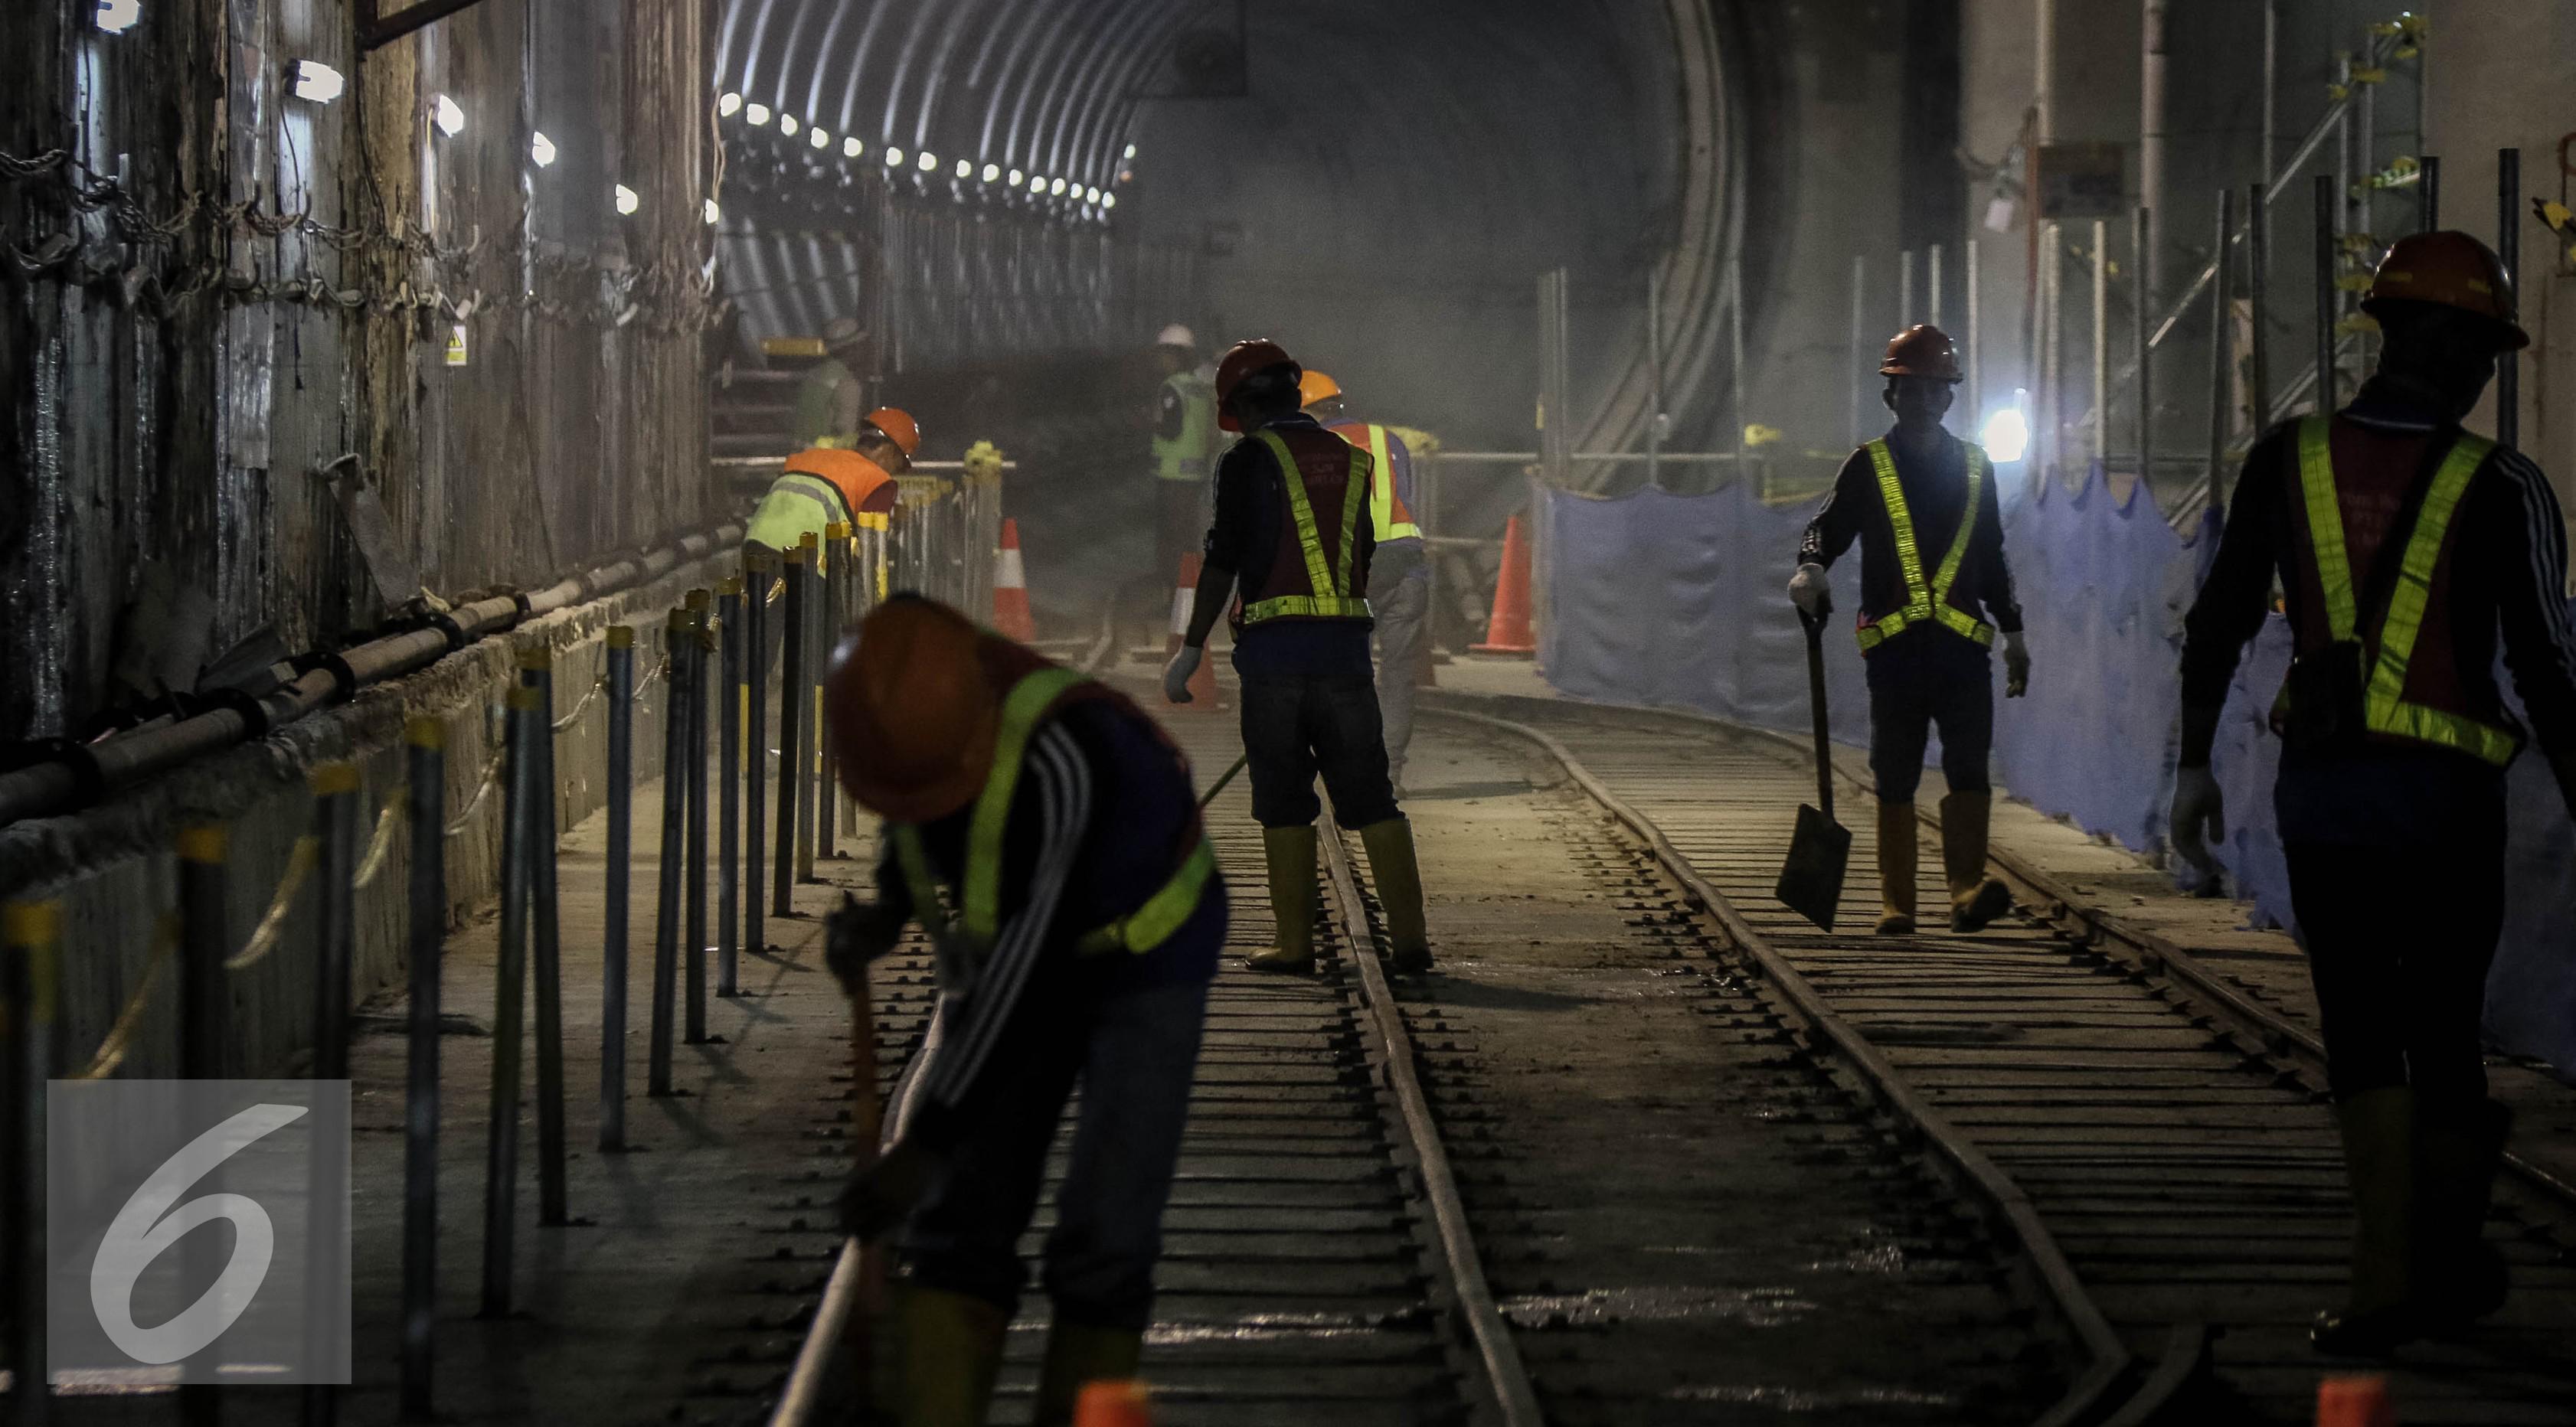 Para pekerja membersihkan jalur rel di terowongan Mass Rapid Transit (MRT) di Dukuh Atas, Jakarta, Jumat (30/9). Jumlah stasiun yang dilalui di rute tersebut sebanyak 13 stasiun. (Liputan6.com/Faizal Fanani)